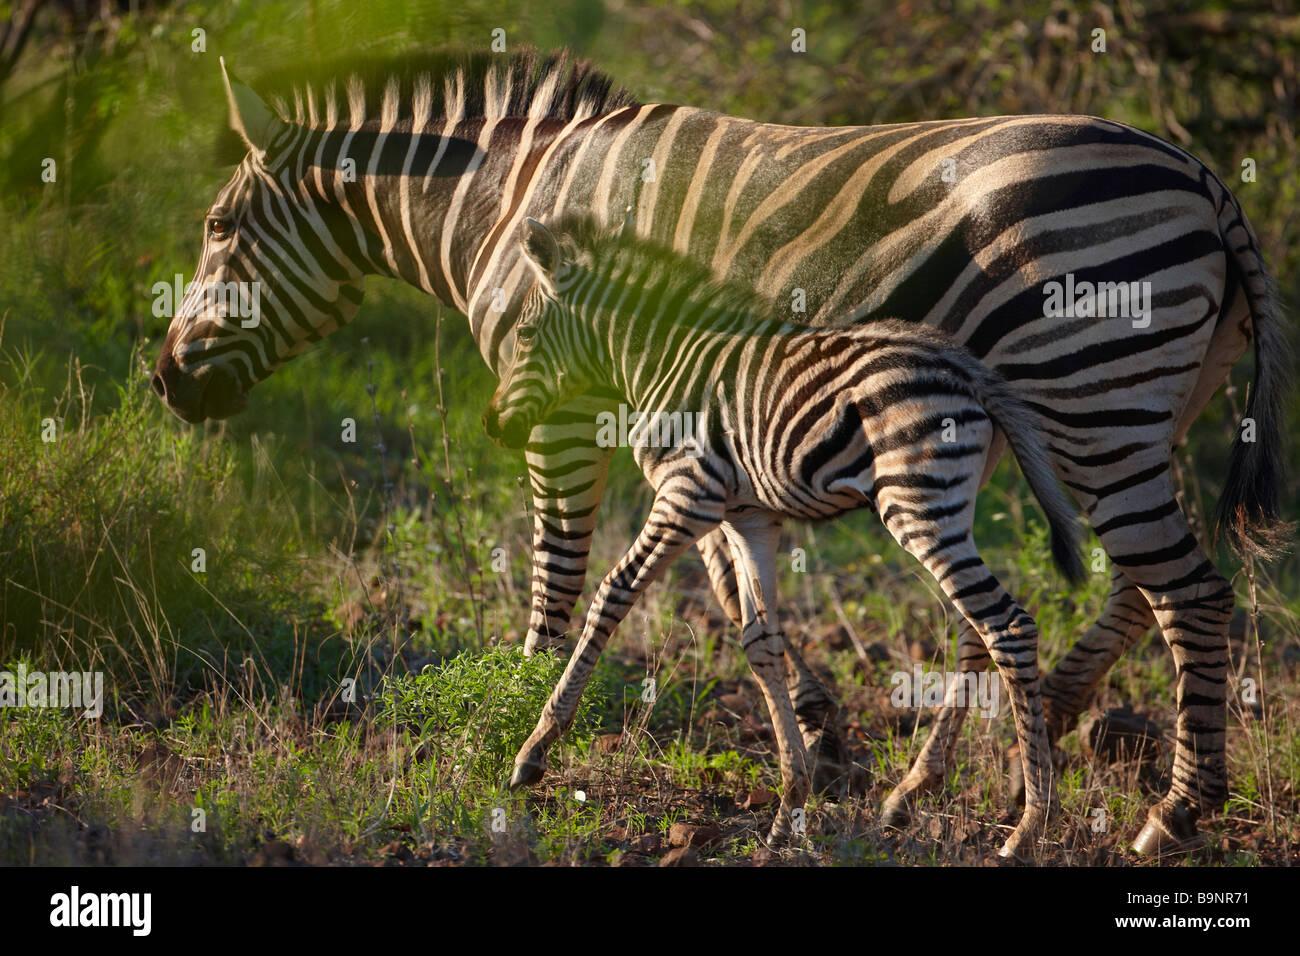 Burchells zebra con un potro en el monte, el Parque Nacional Kruger, Sudáfrica Imagen De Stock